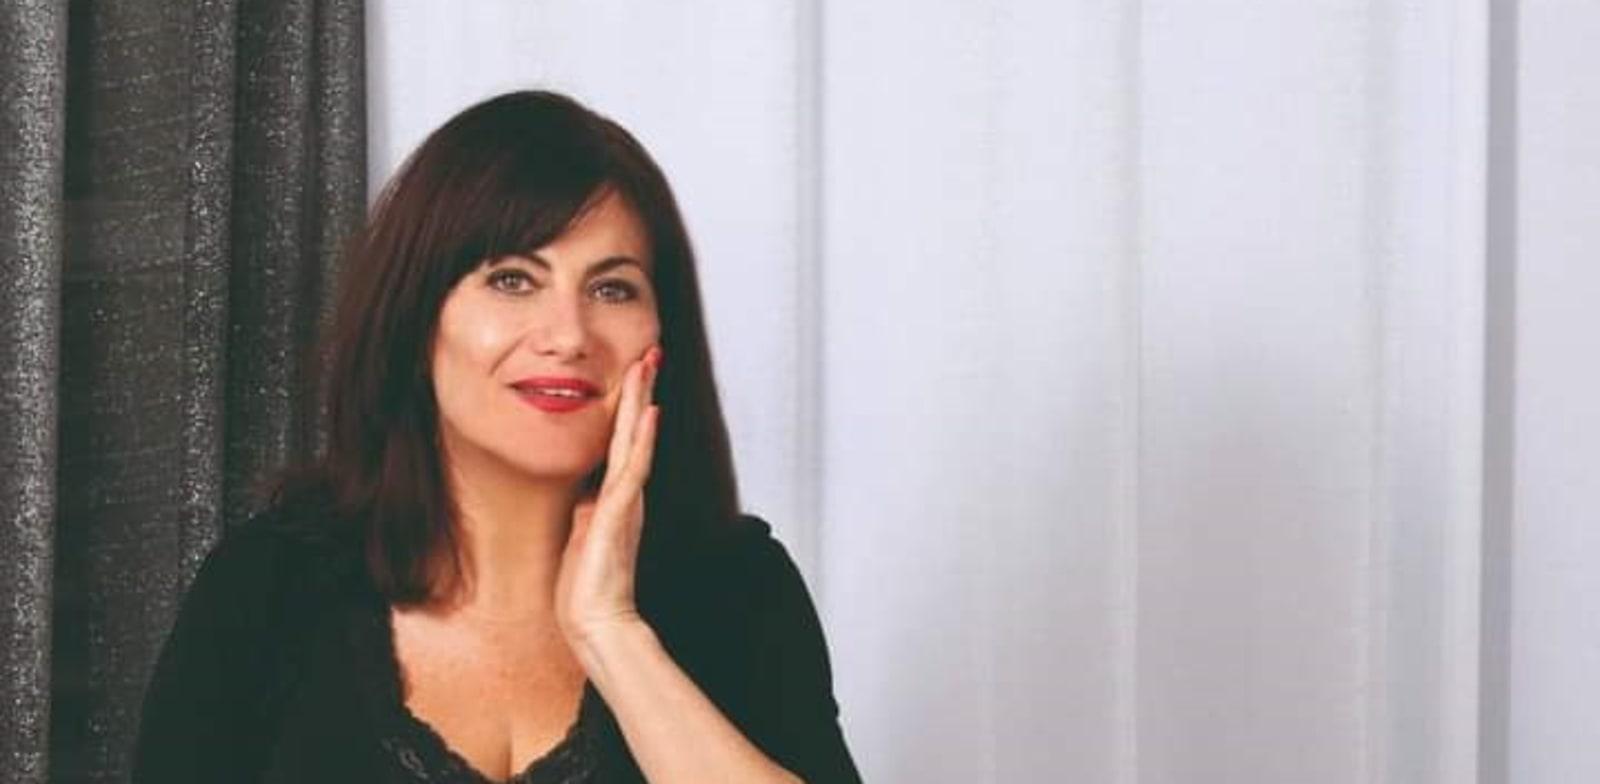 תחיה פידלר, בעלת Tf Natural Cosmetics / צילום: תמונה פרטית